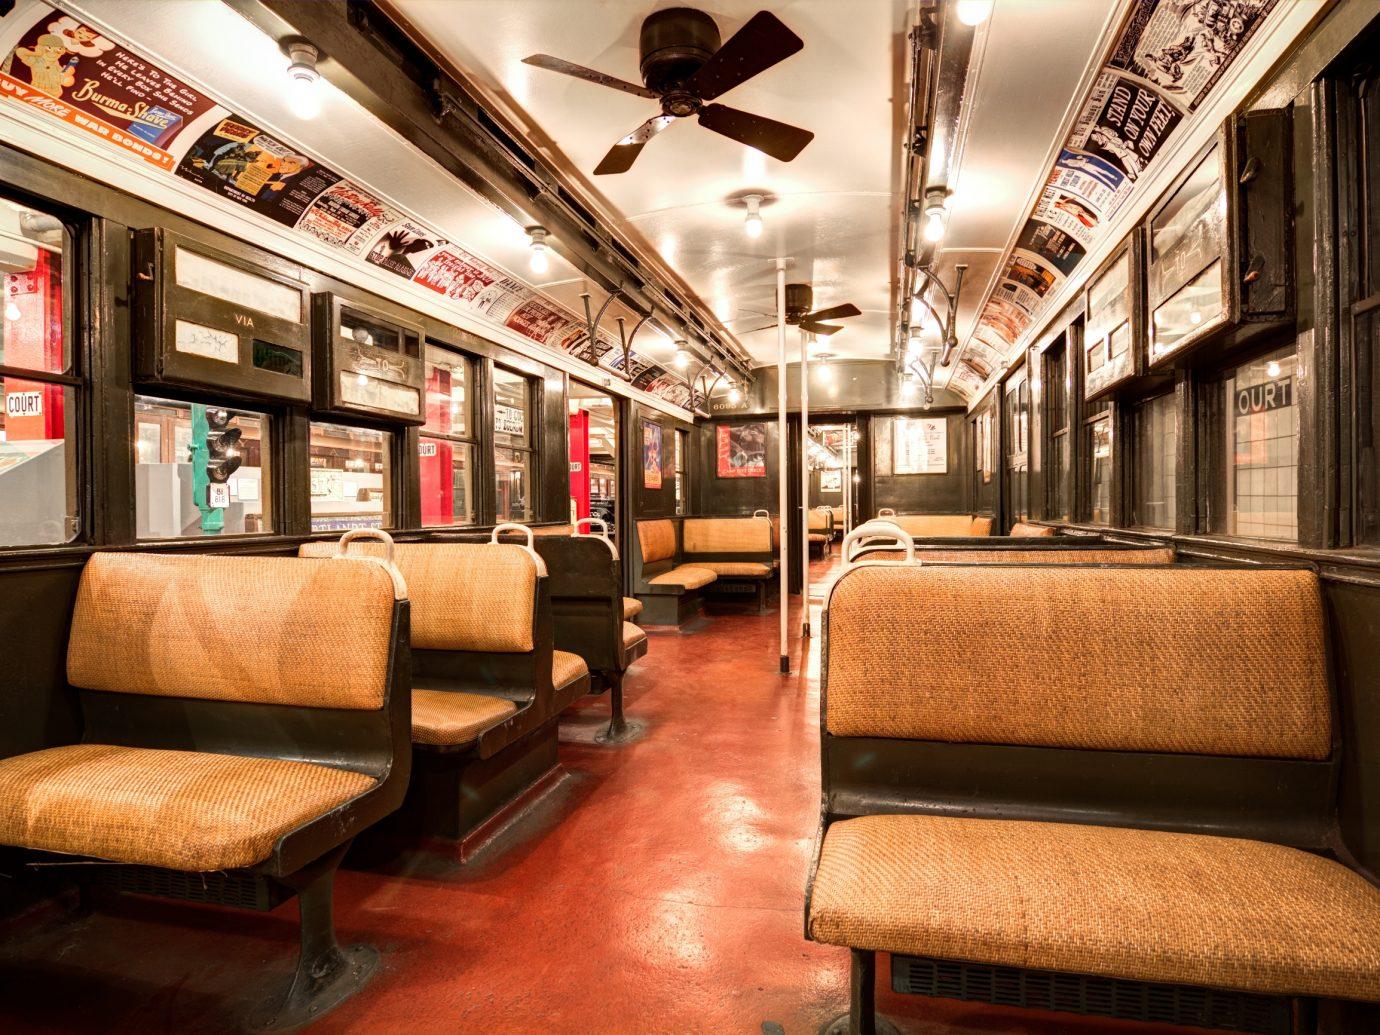 interior of old subway car